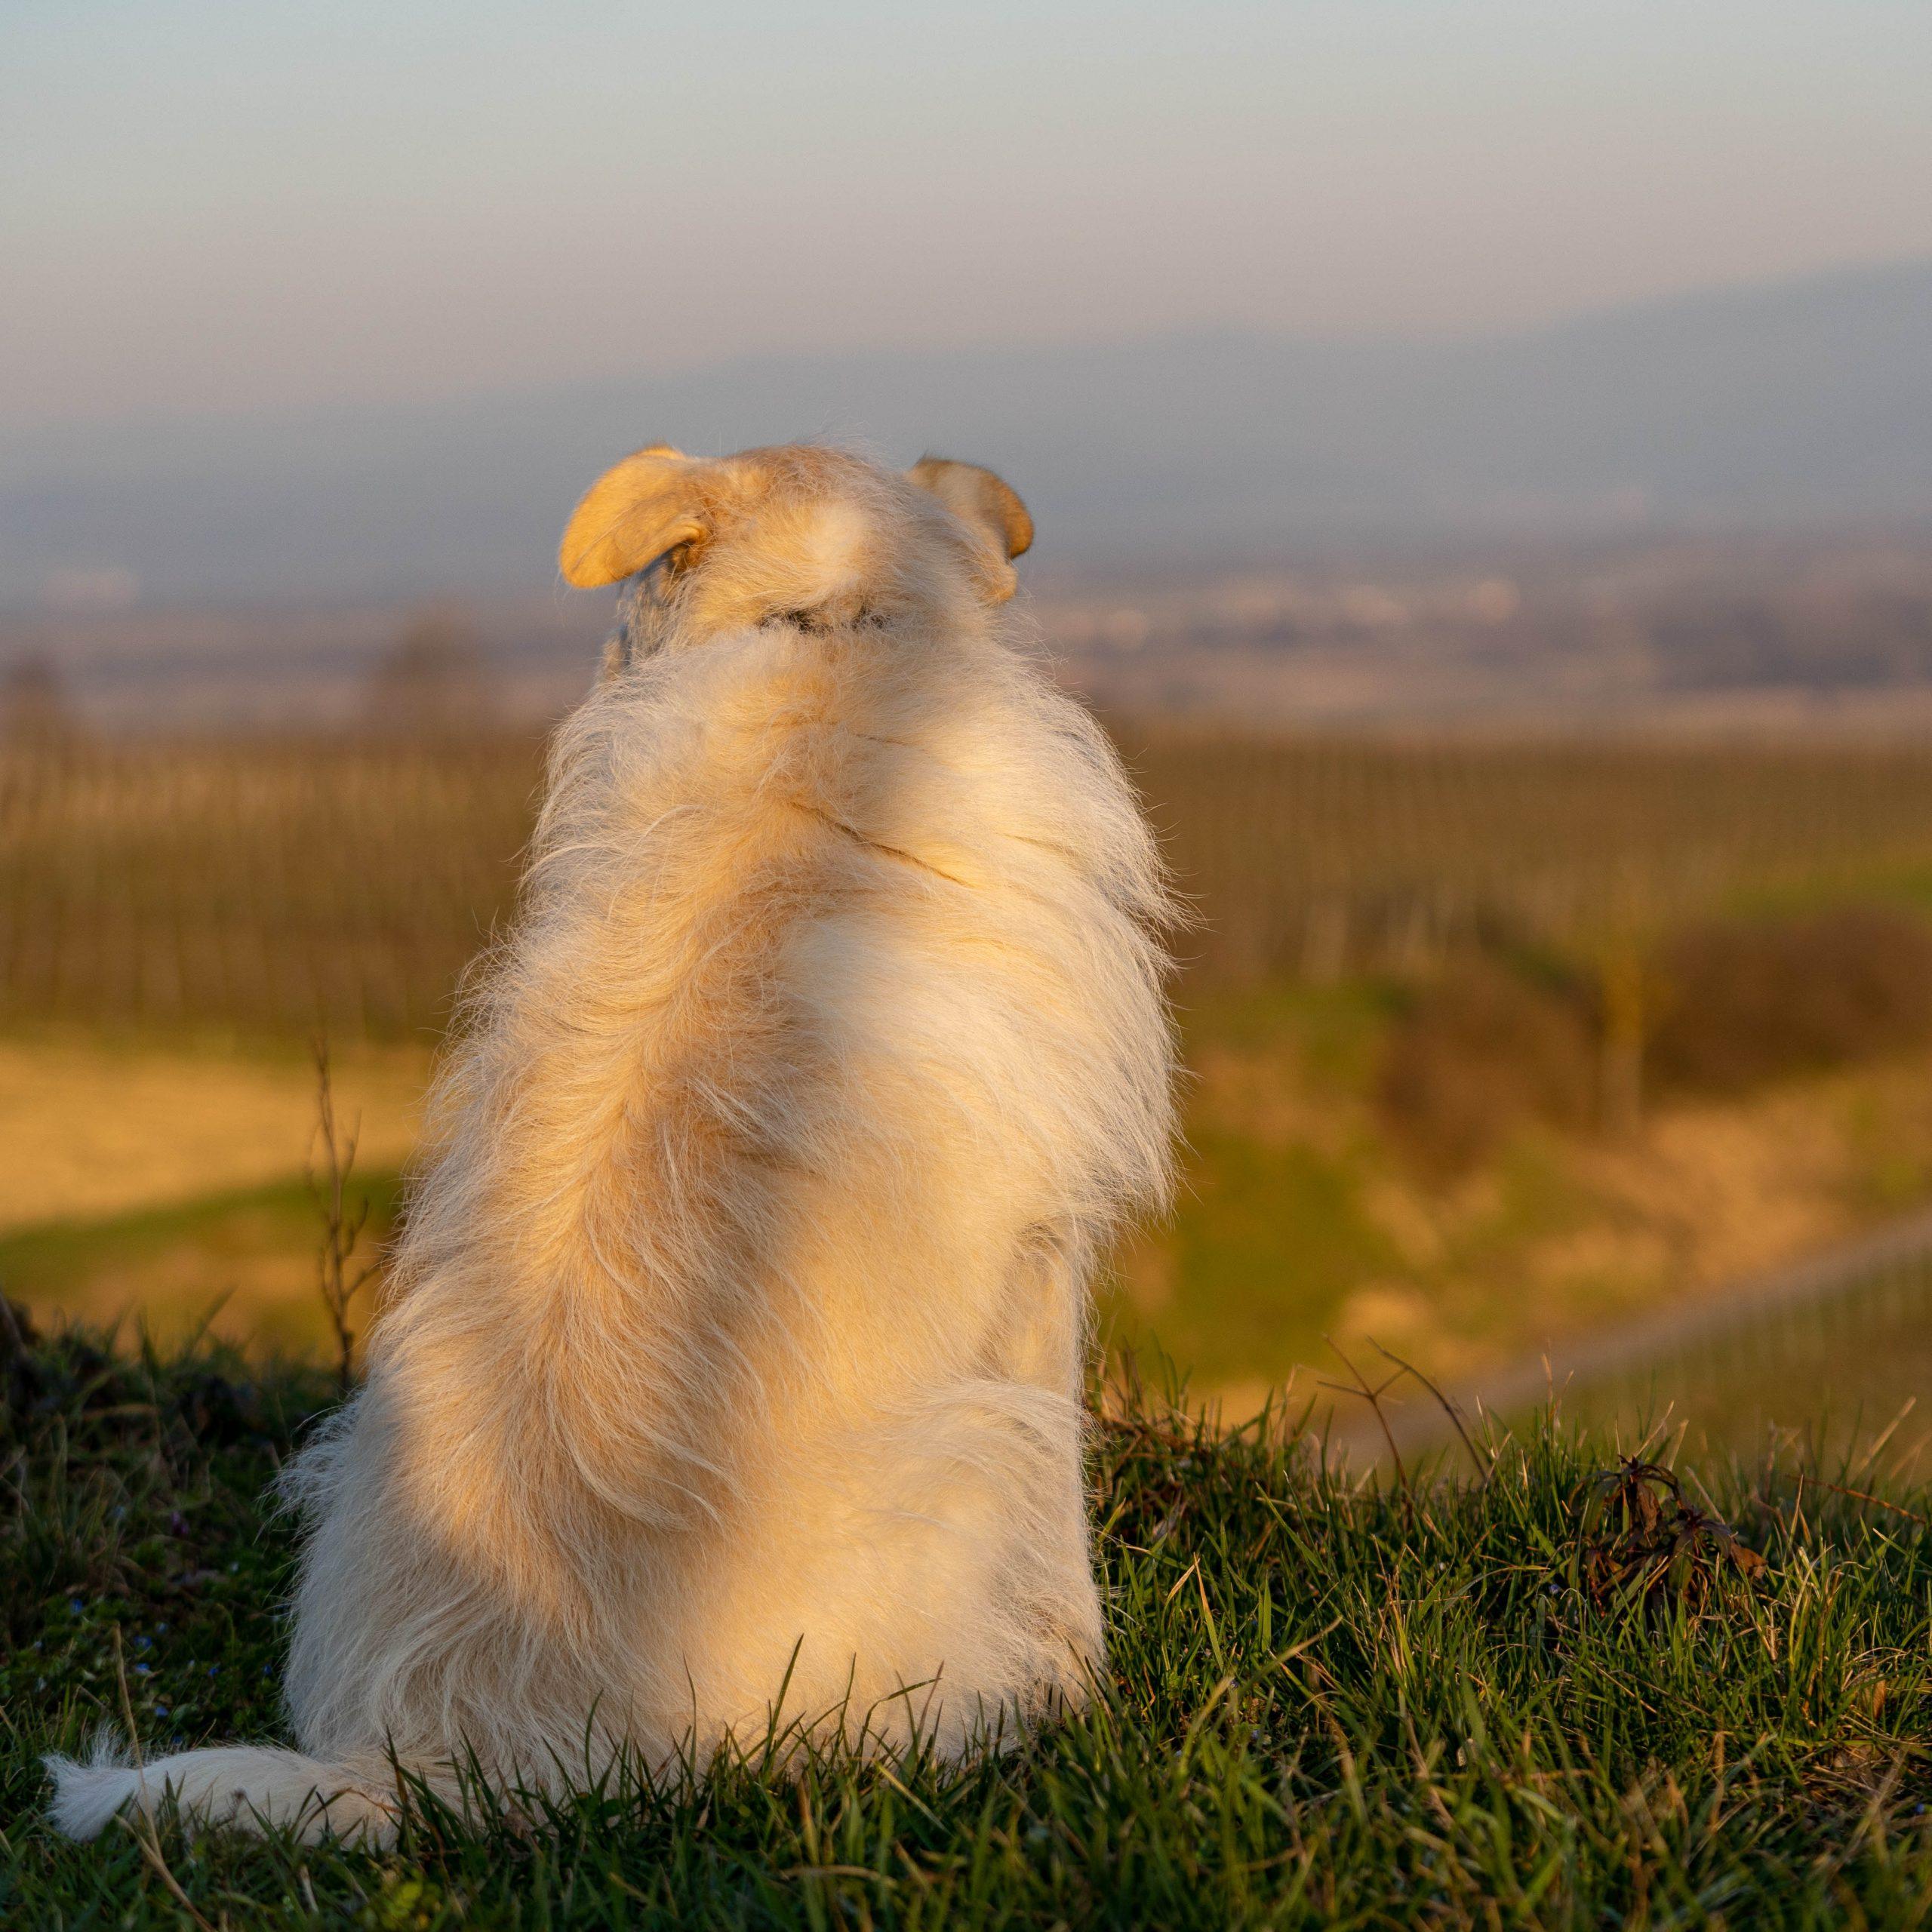 Hund blickt auf die Welt - Perspektive des Hundes